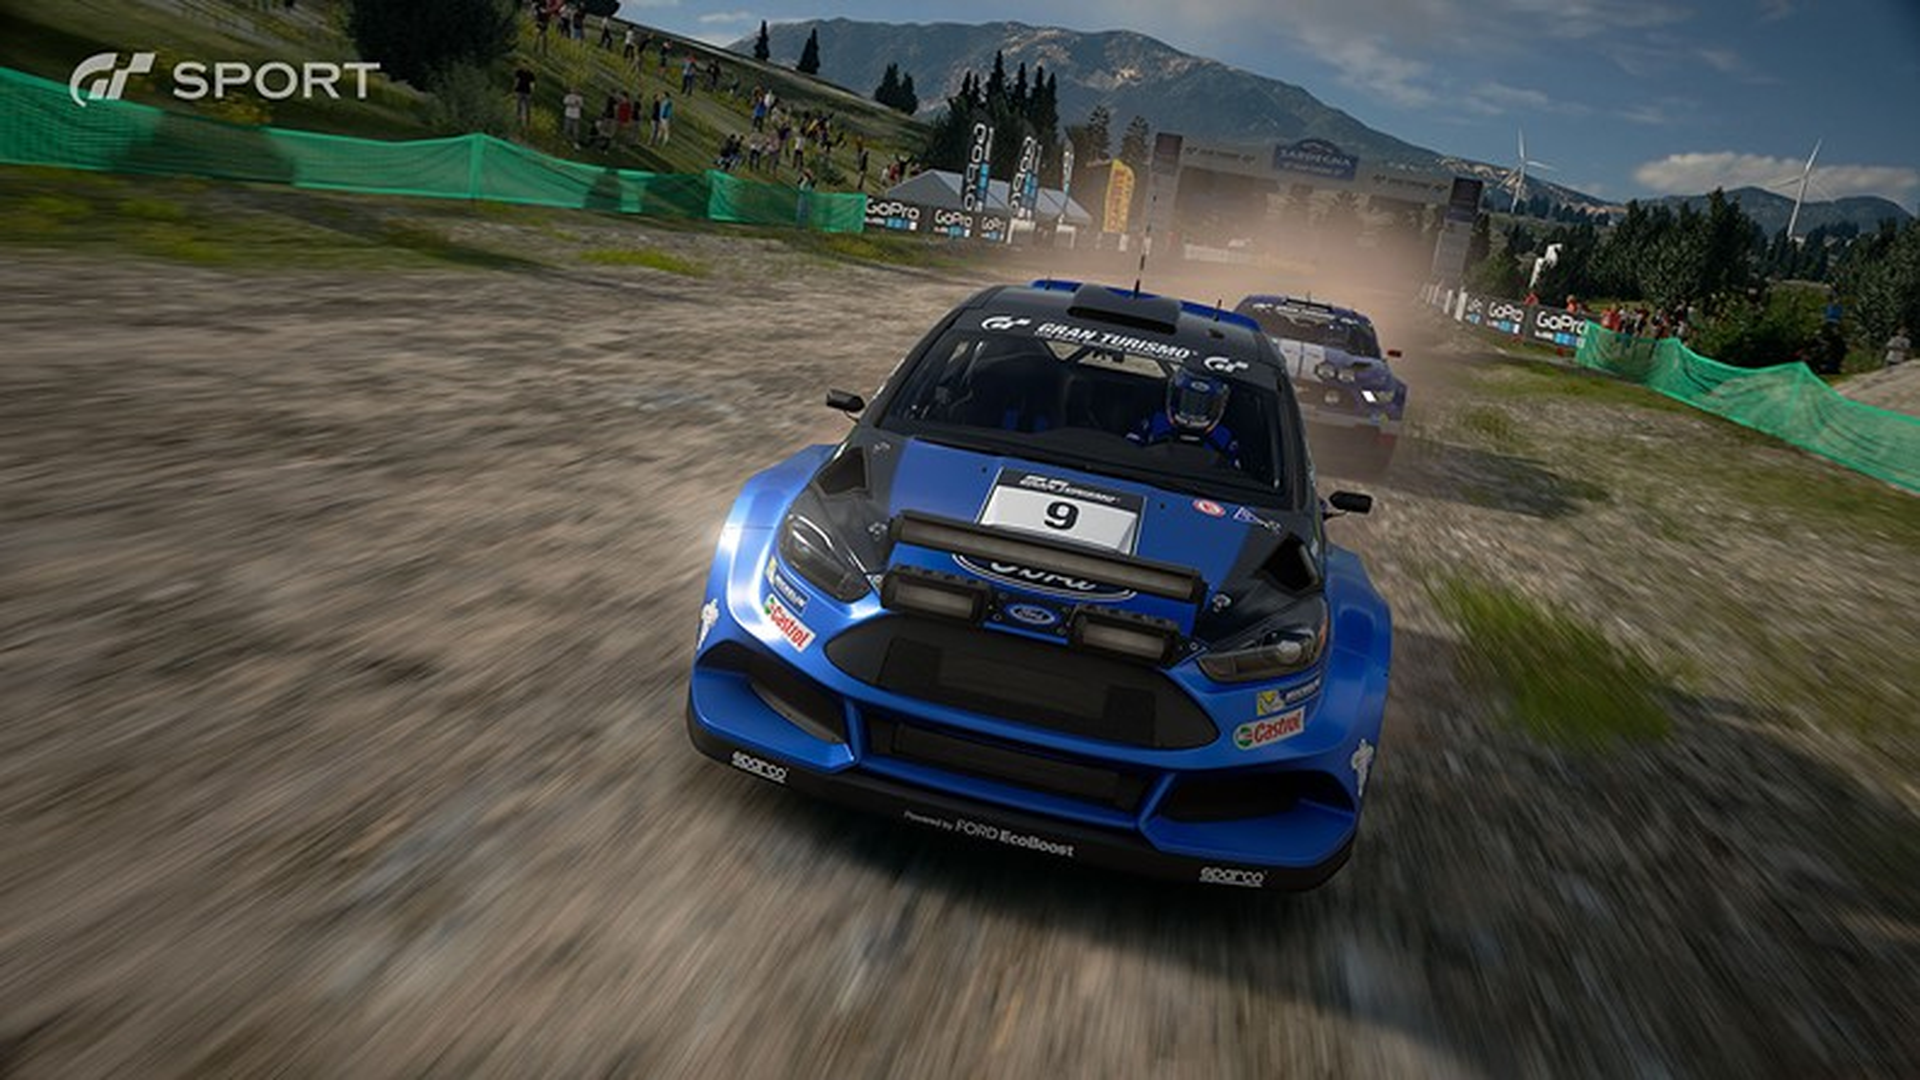 Imagens de Gran Turismo Sport são de tirar lágrimas... nos dois sentidos